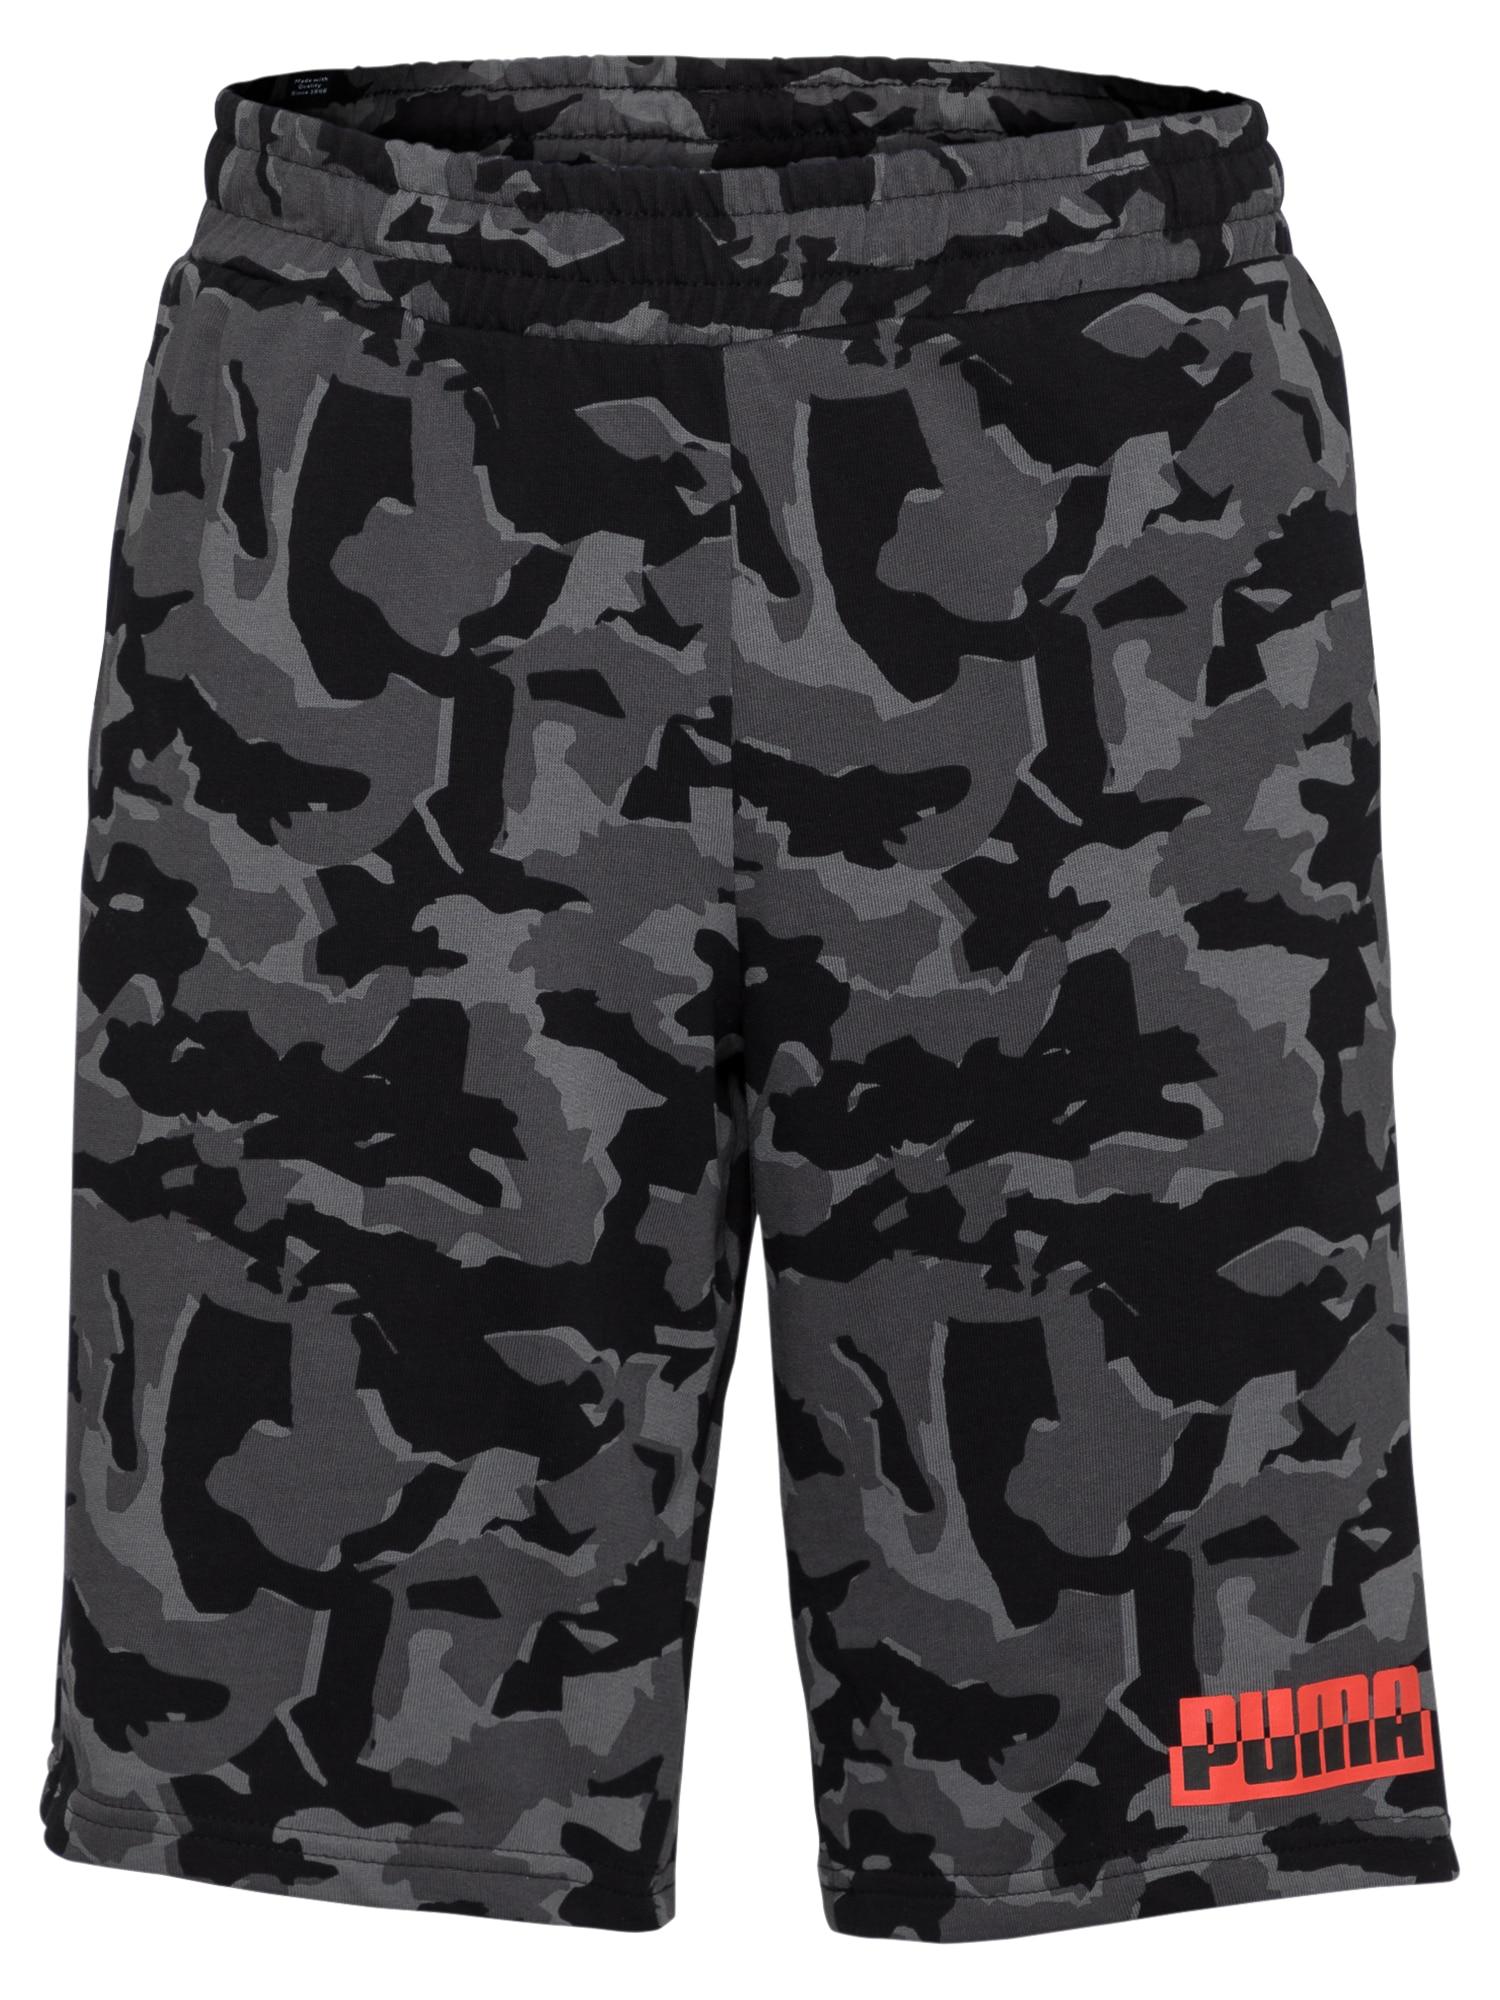 PUMA Sportinės kelnės juoda / pilka / tamsiai pilka